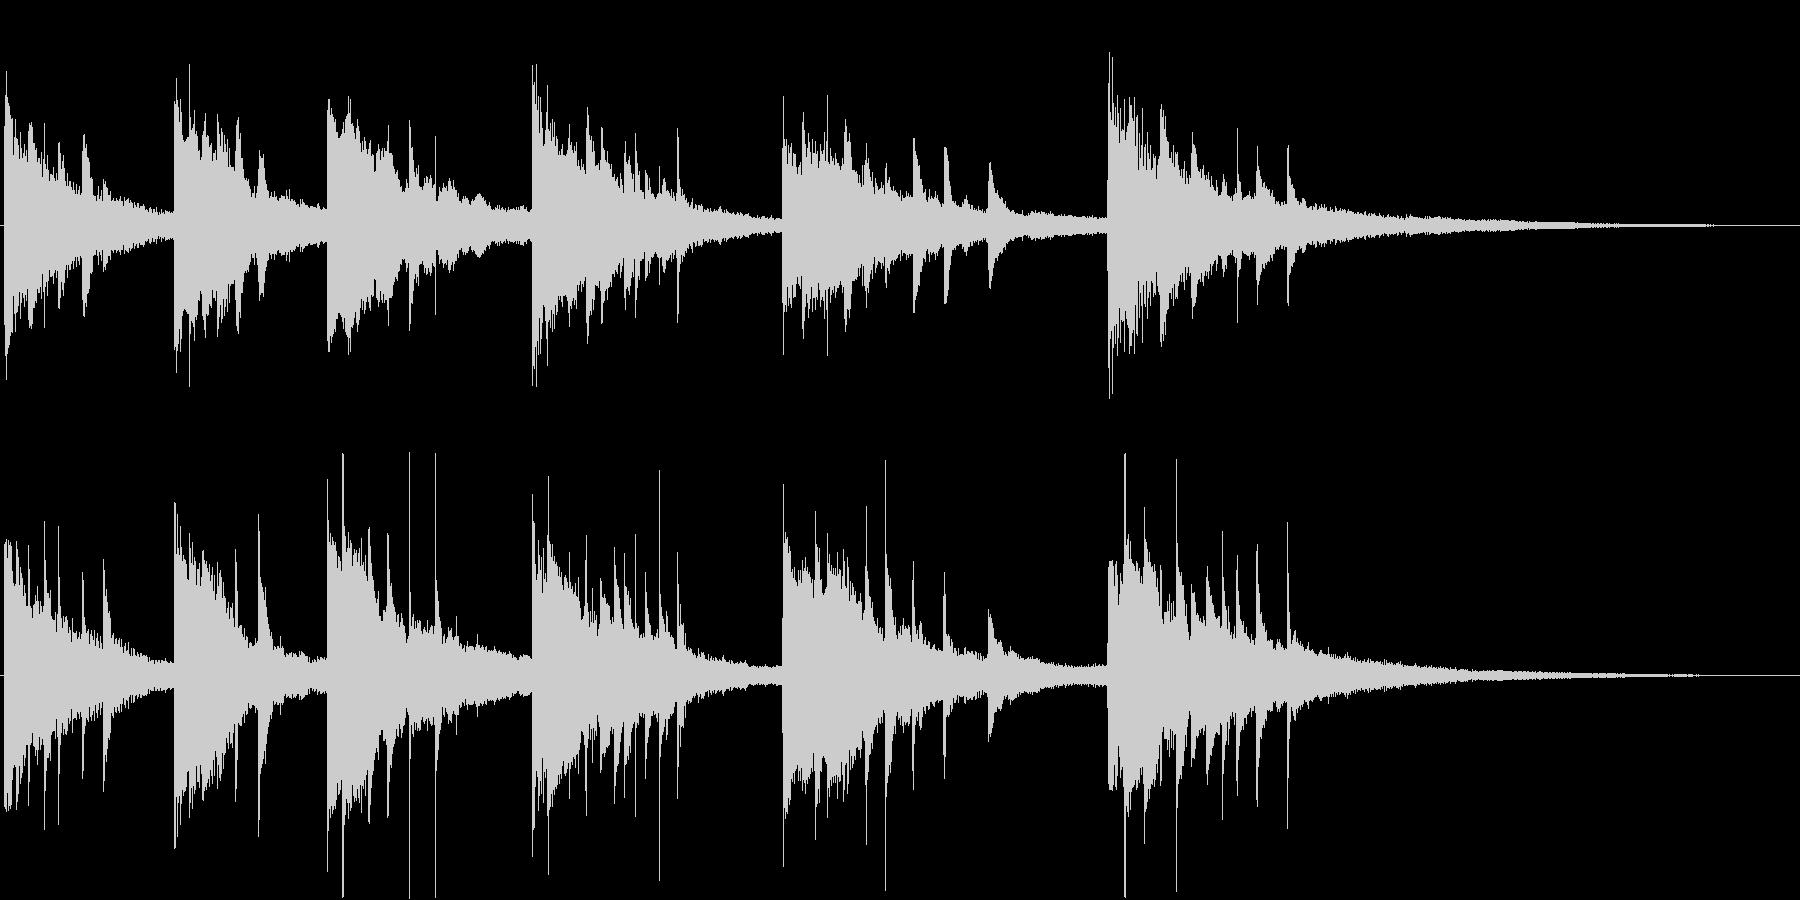 疑惑、不穏な雰囲気のピアノソロ曲の未再生の波形